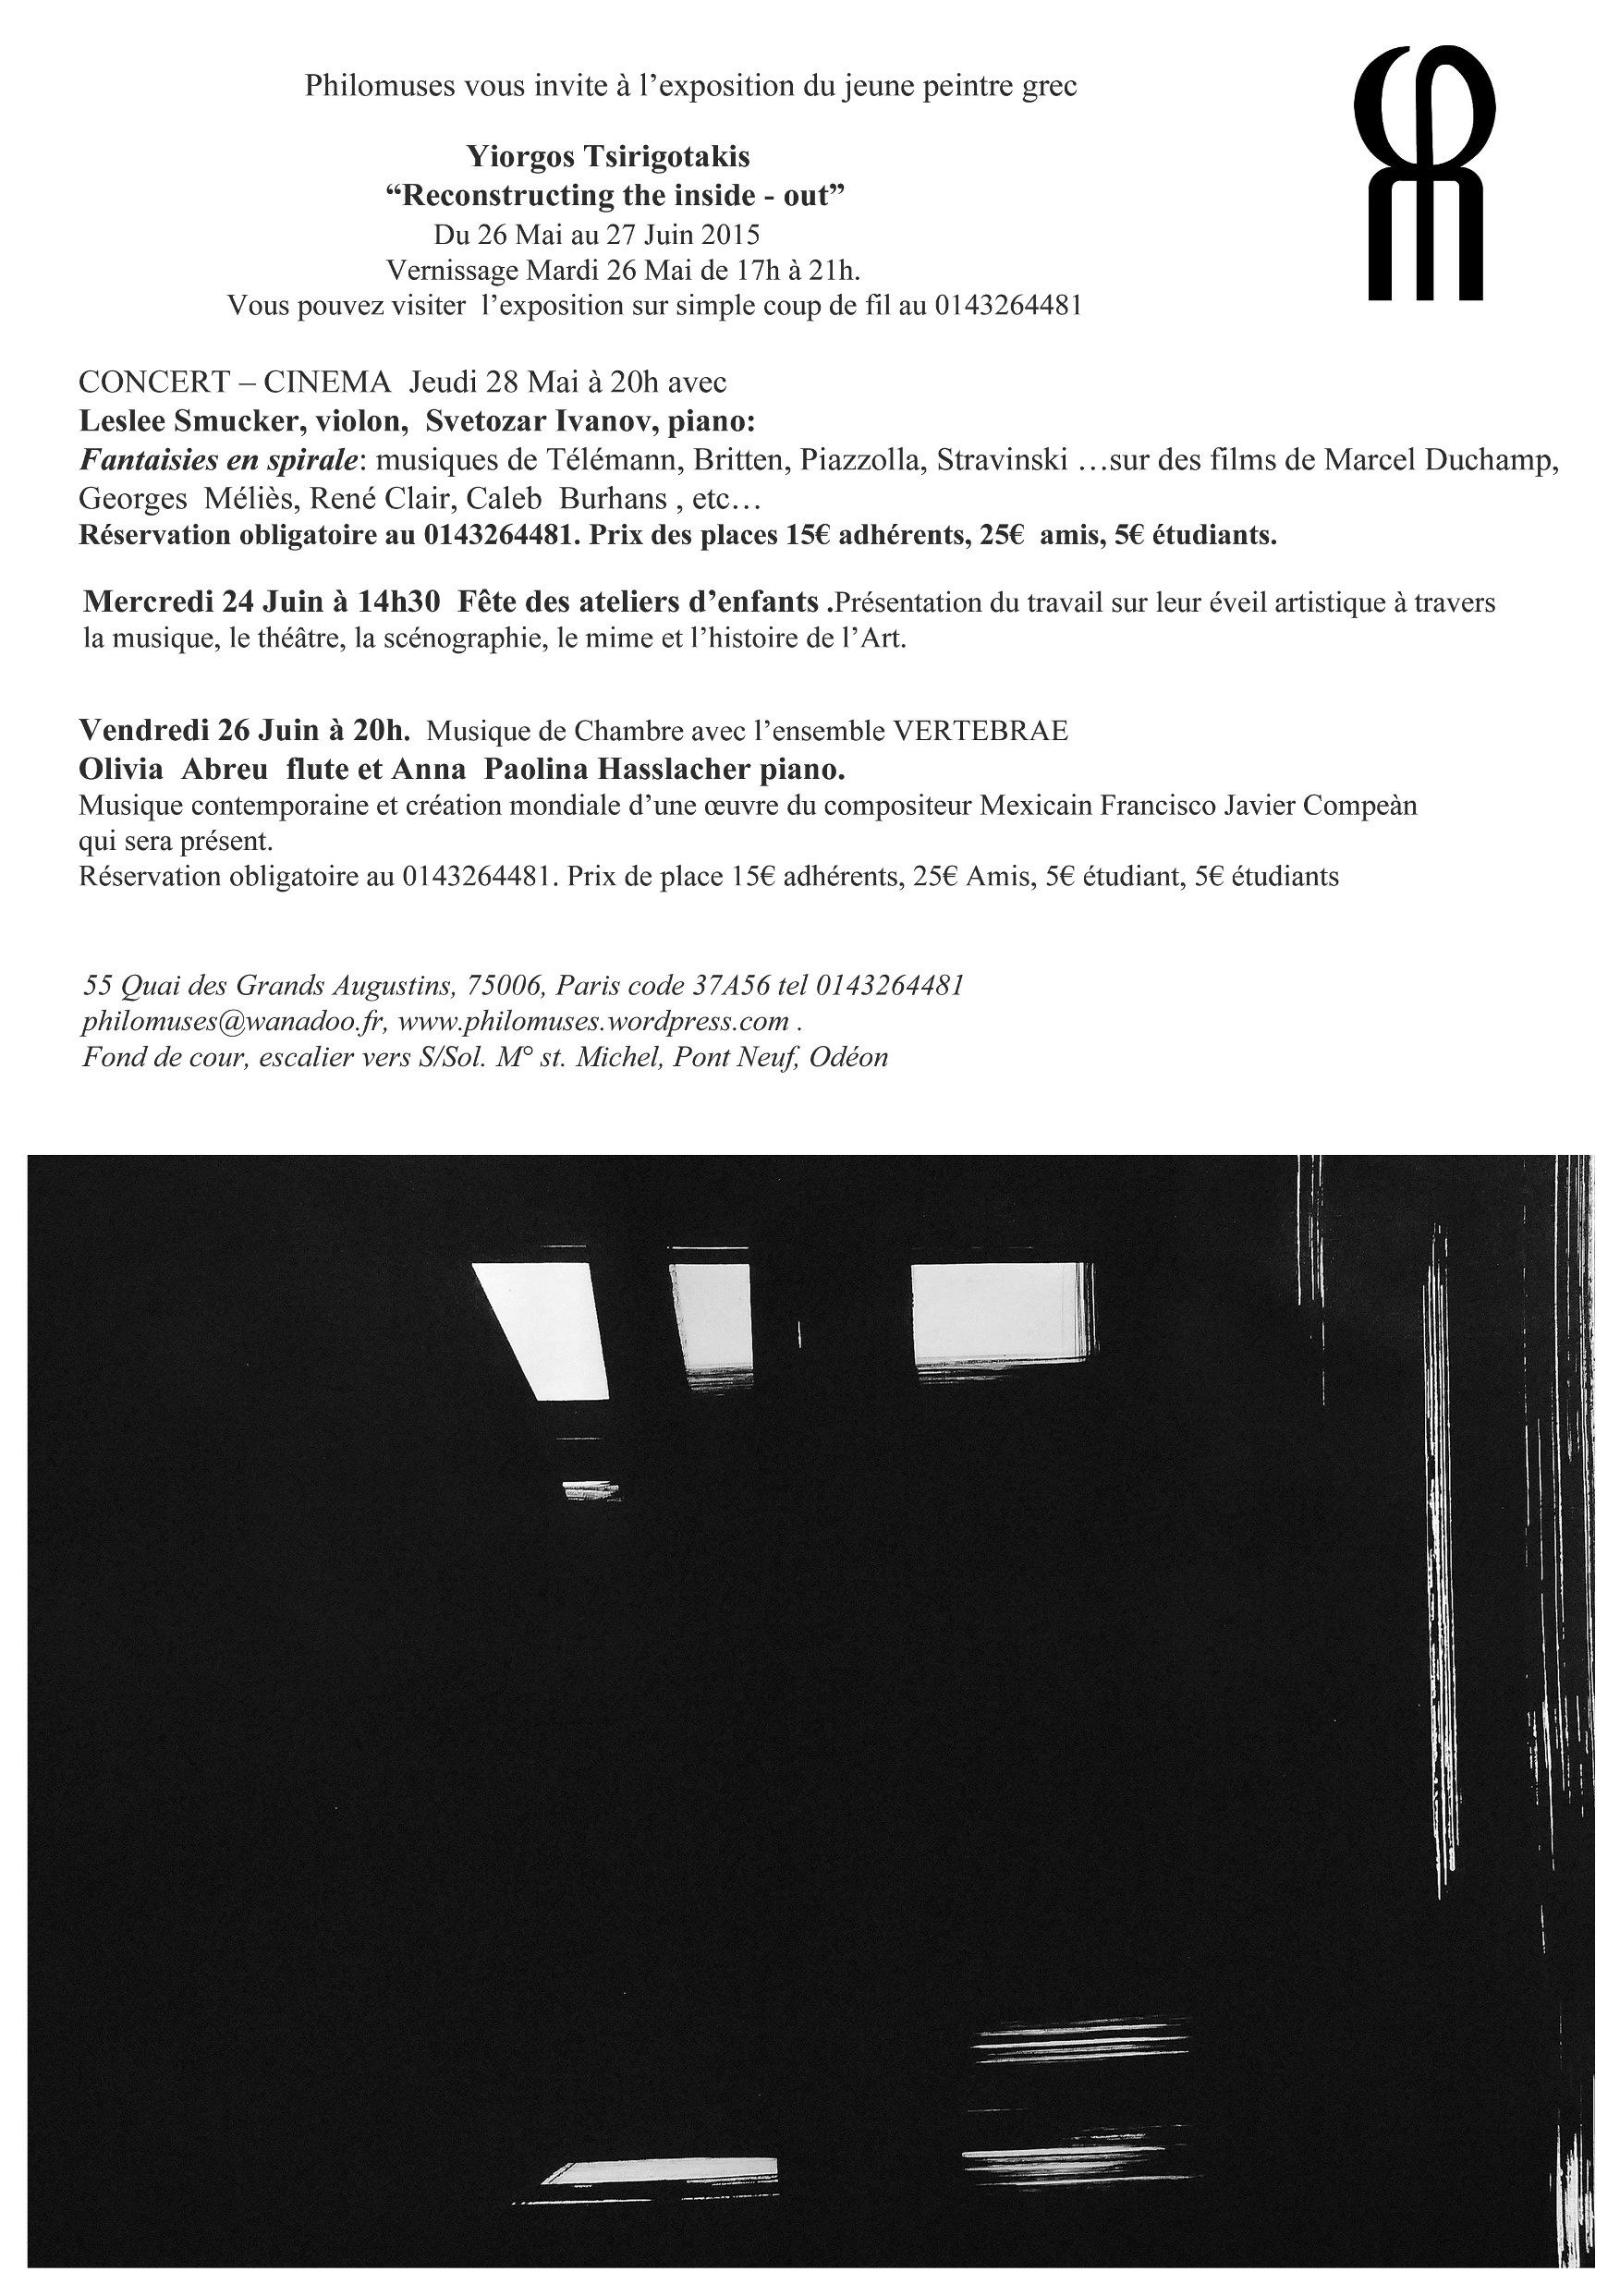 Πρόσκληση Έκθεσης_26.5.2015